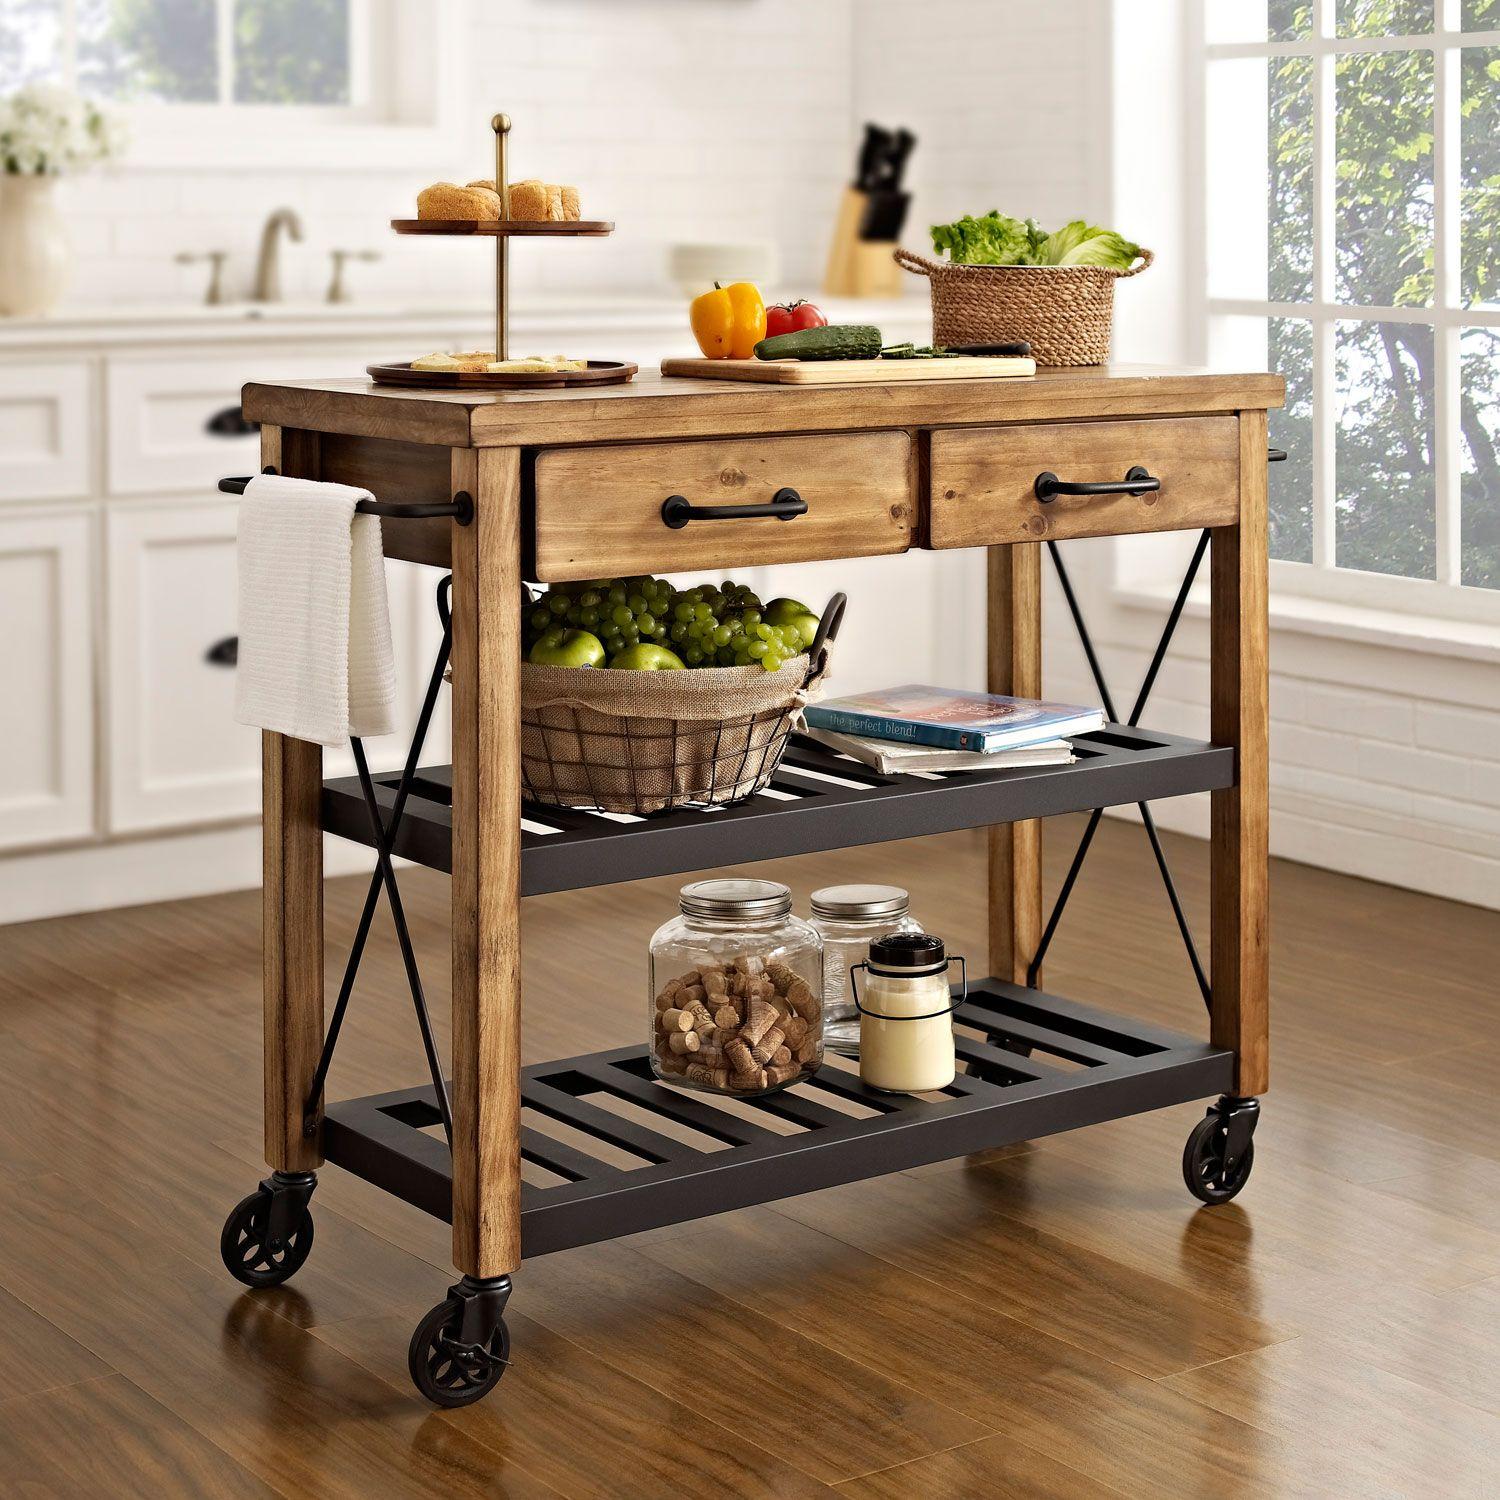 Küchenwagen im design küchen wagen tisch Überprüfen sie mehr unter kuchedekofo